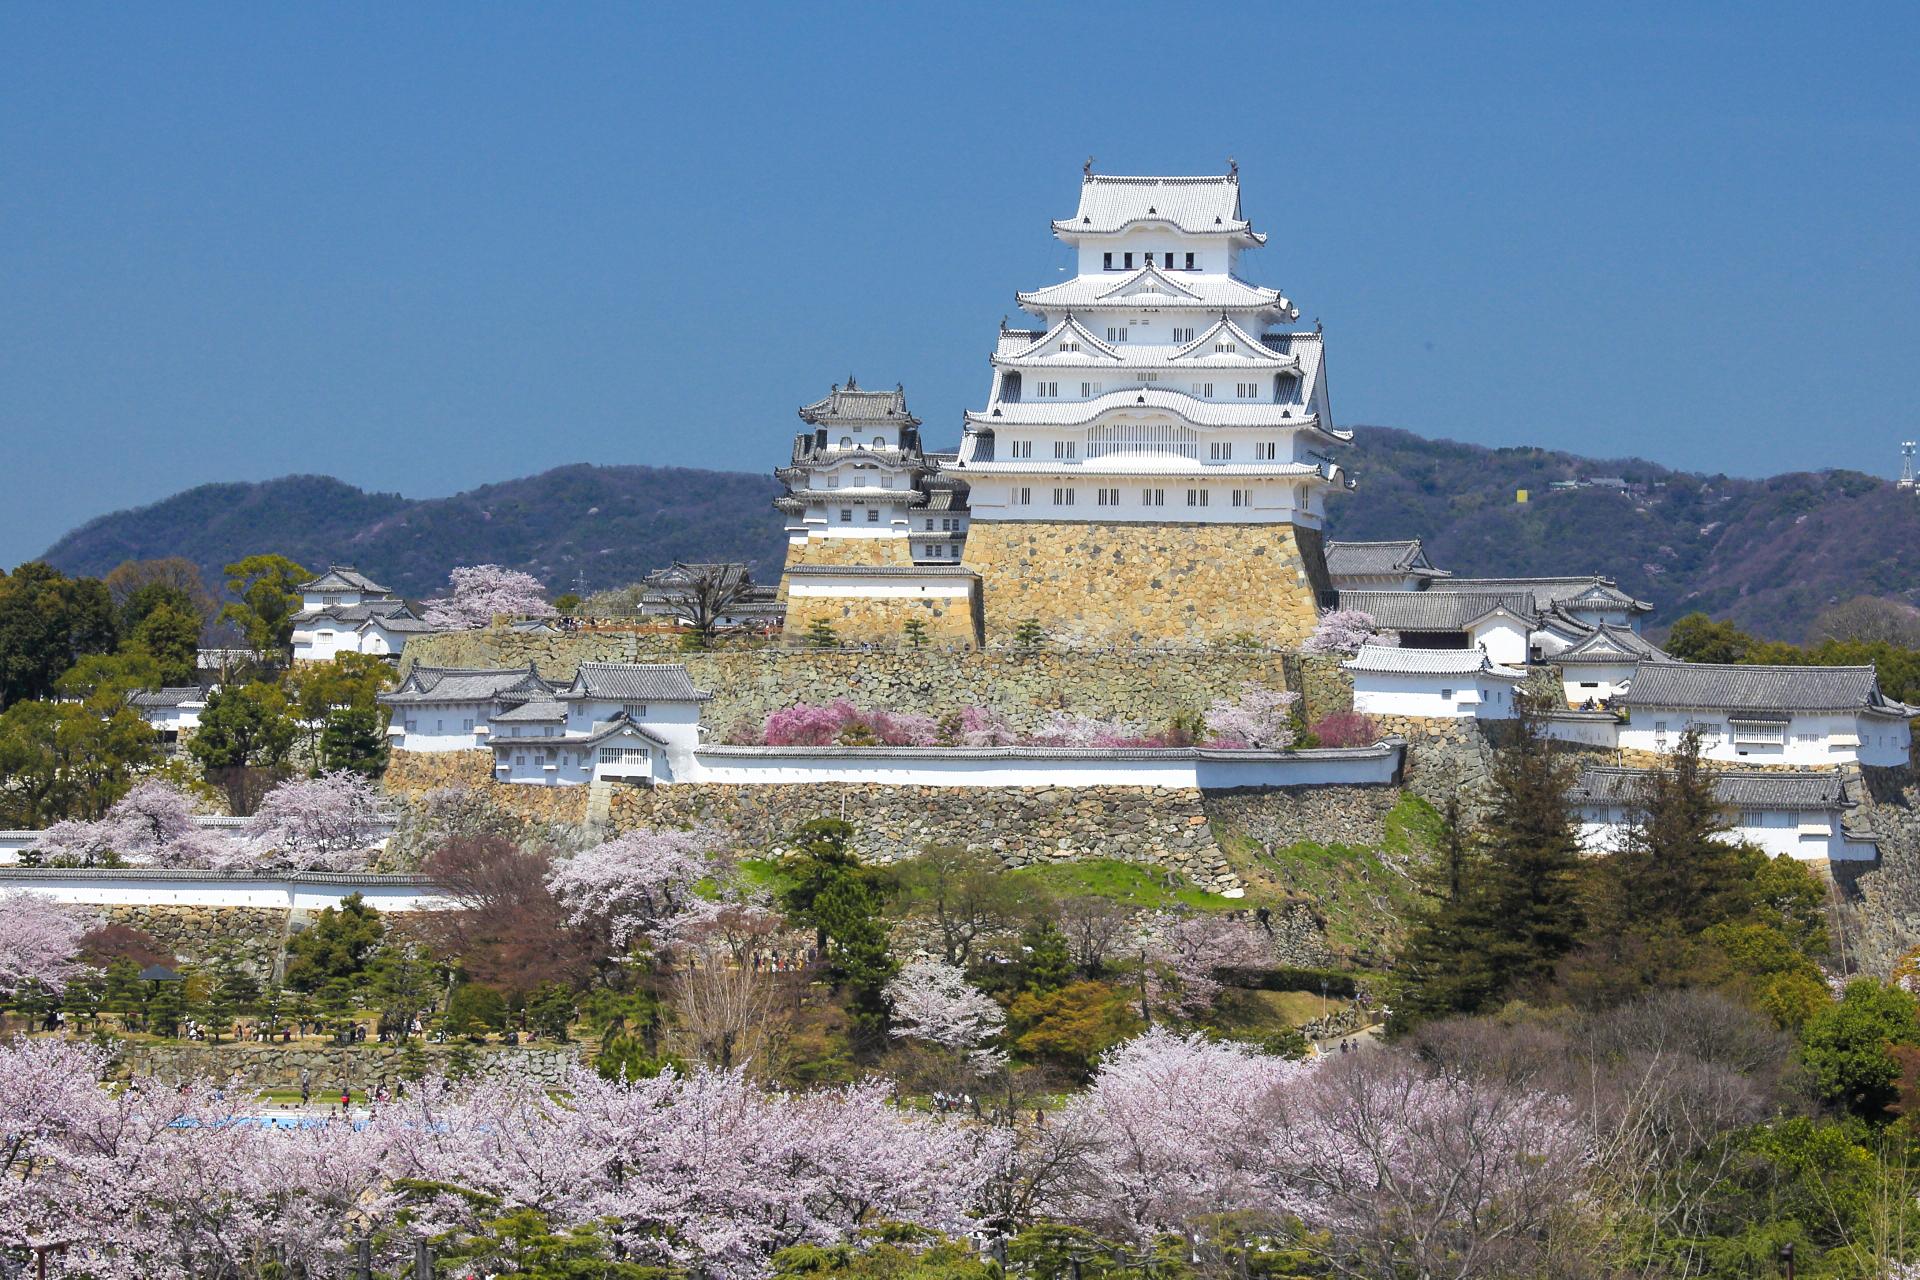 2134762_m-1 兵庫県  姫路城(桜と城の景色が美しい春におすすめのスポット! 写真の紹介、アクセス情報や駐車場情報など)